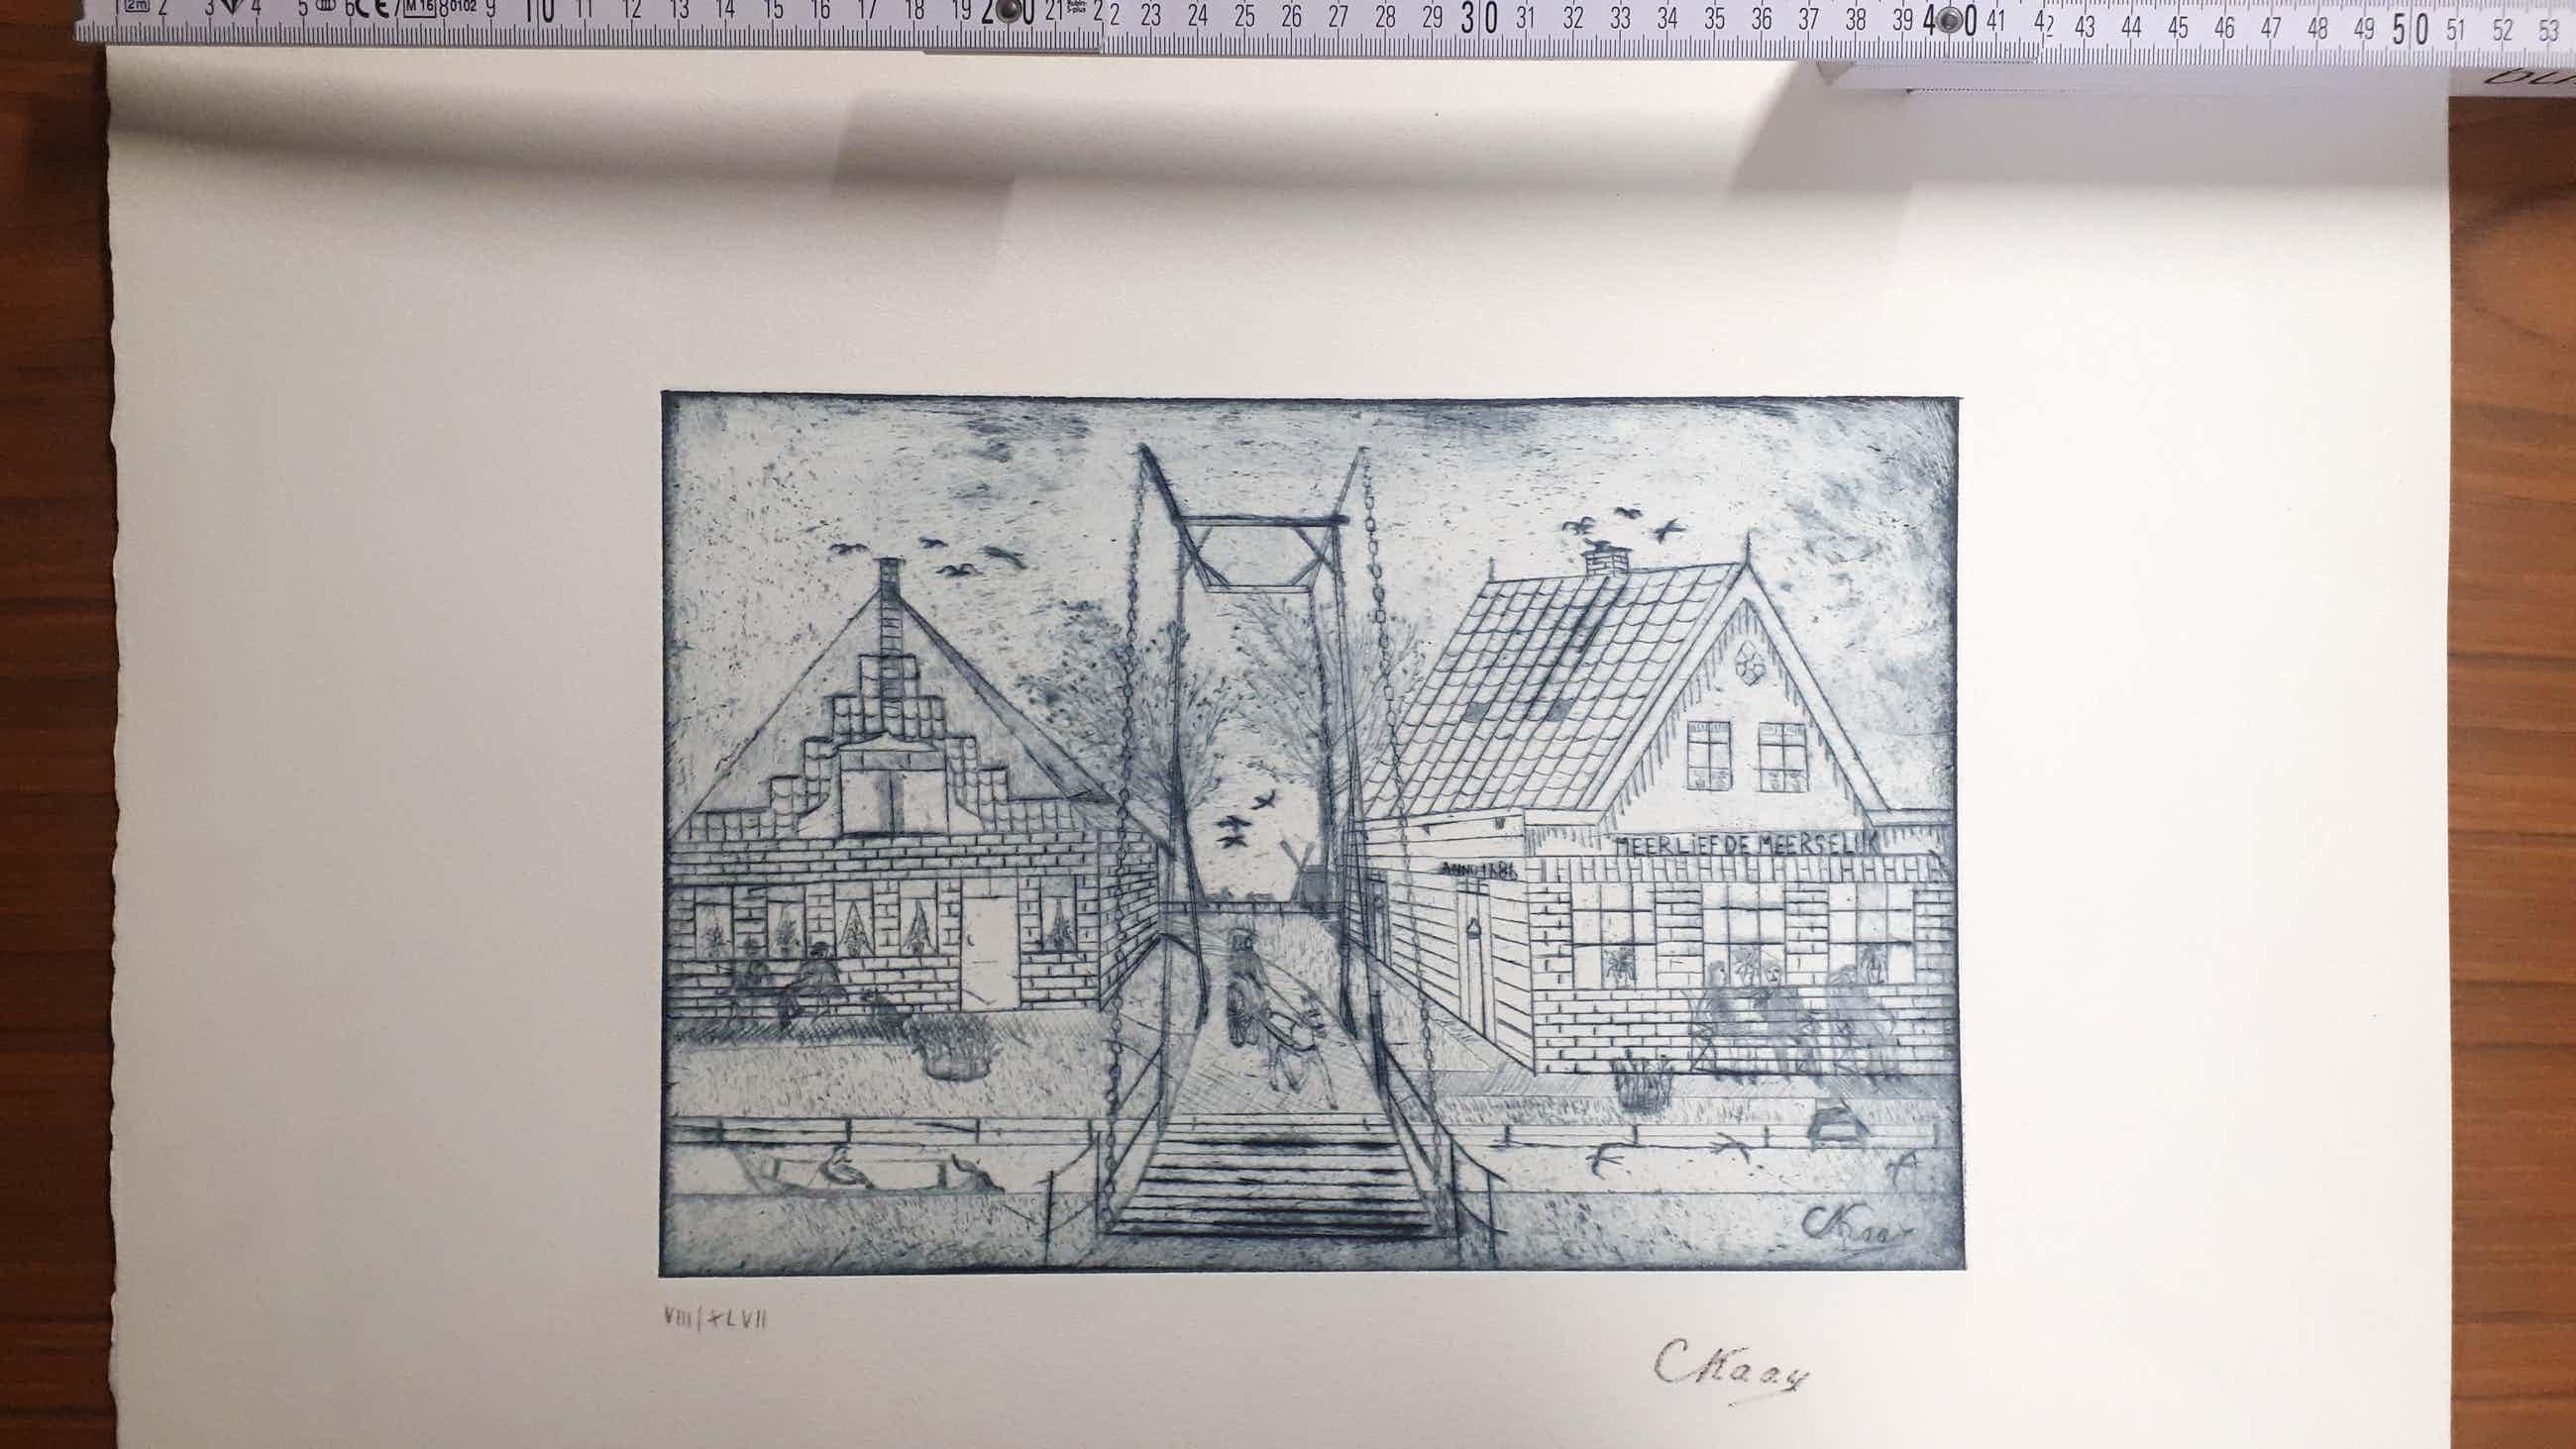 Cornelis Kaay - Bei uns in einem holländischen Dorf kopen? Bied vanaf 40!